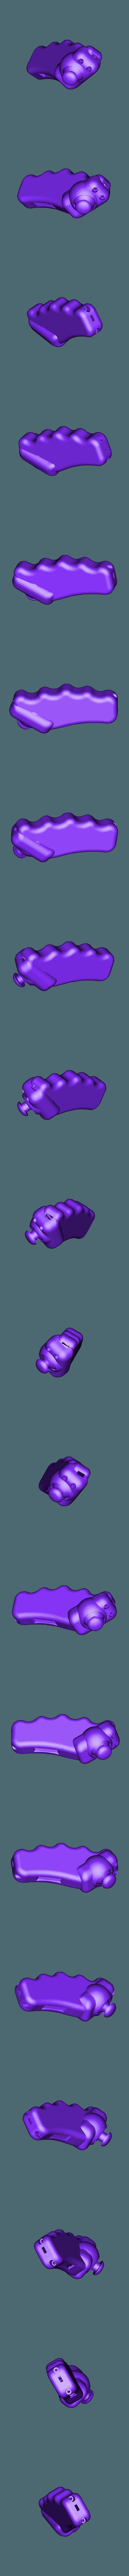 Overview_V3.stl Télécharger fichier STL gratuit BTRemote 4/5 axes, télécommande à une main avec gyroscope, Bluetooth, écran • Plan à imprimer en 3D, kasinatorhh